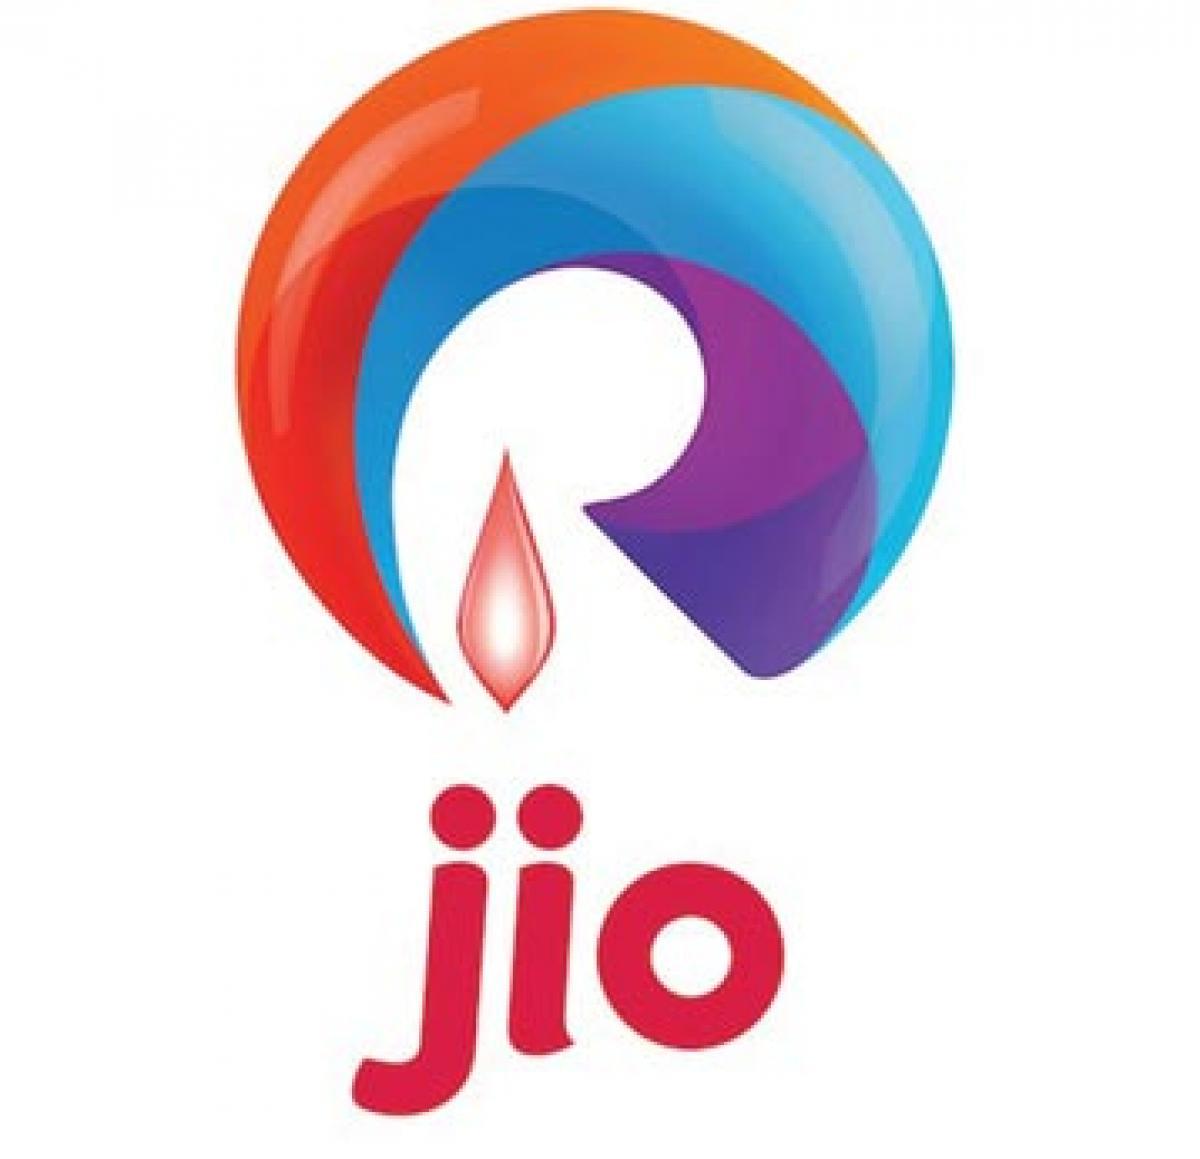 Rio-bound Indians get Reliance Jio boost